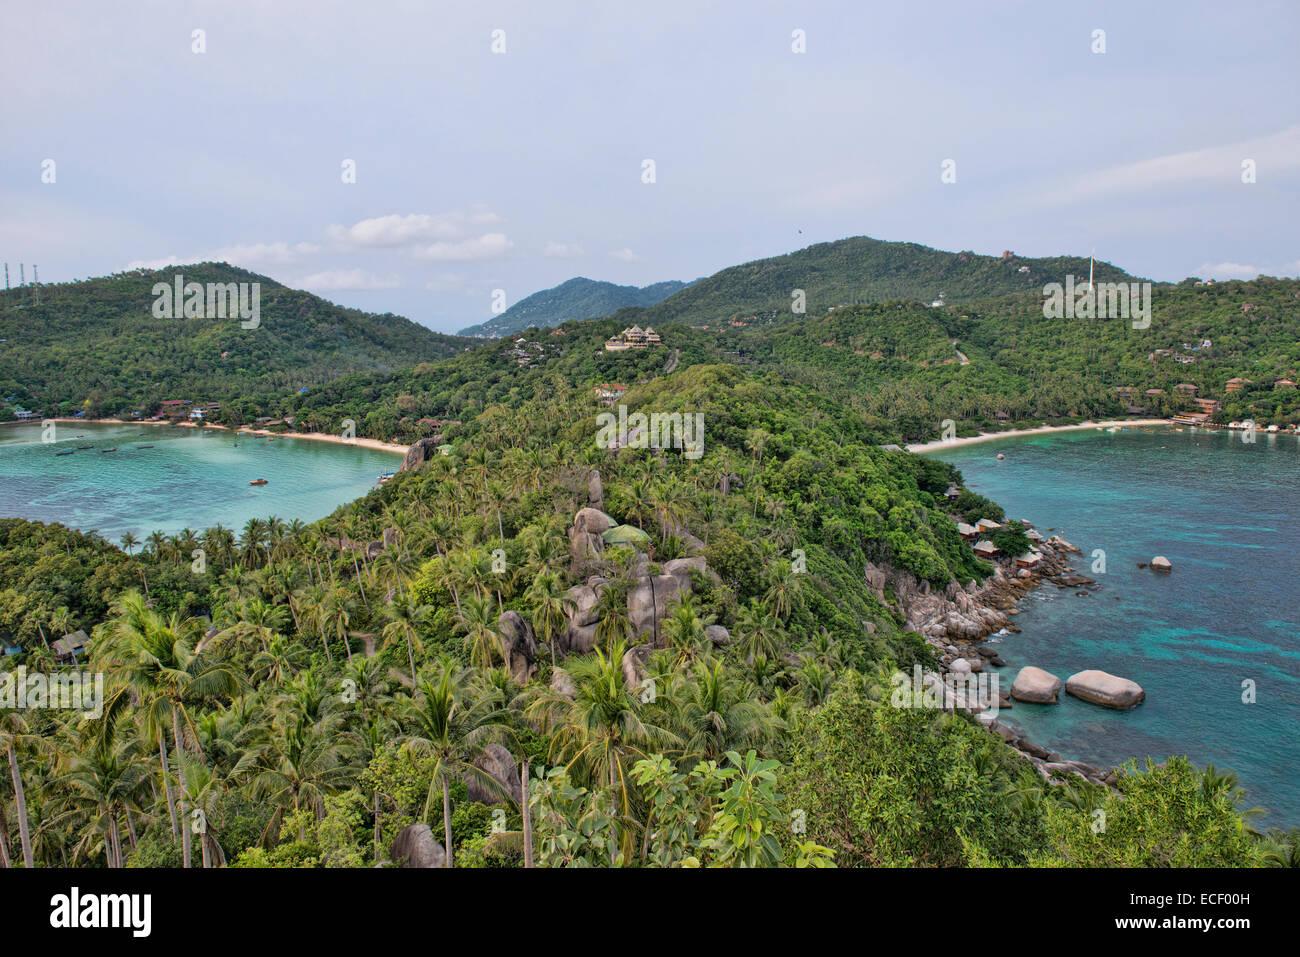 birdseye view of Chalok Baan Khao and Ao Thian Ok bays from the John Suwan viewpoint, Koh Tao, Thailand - Stock Image